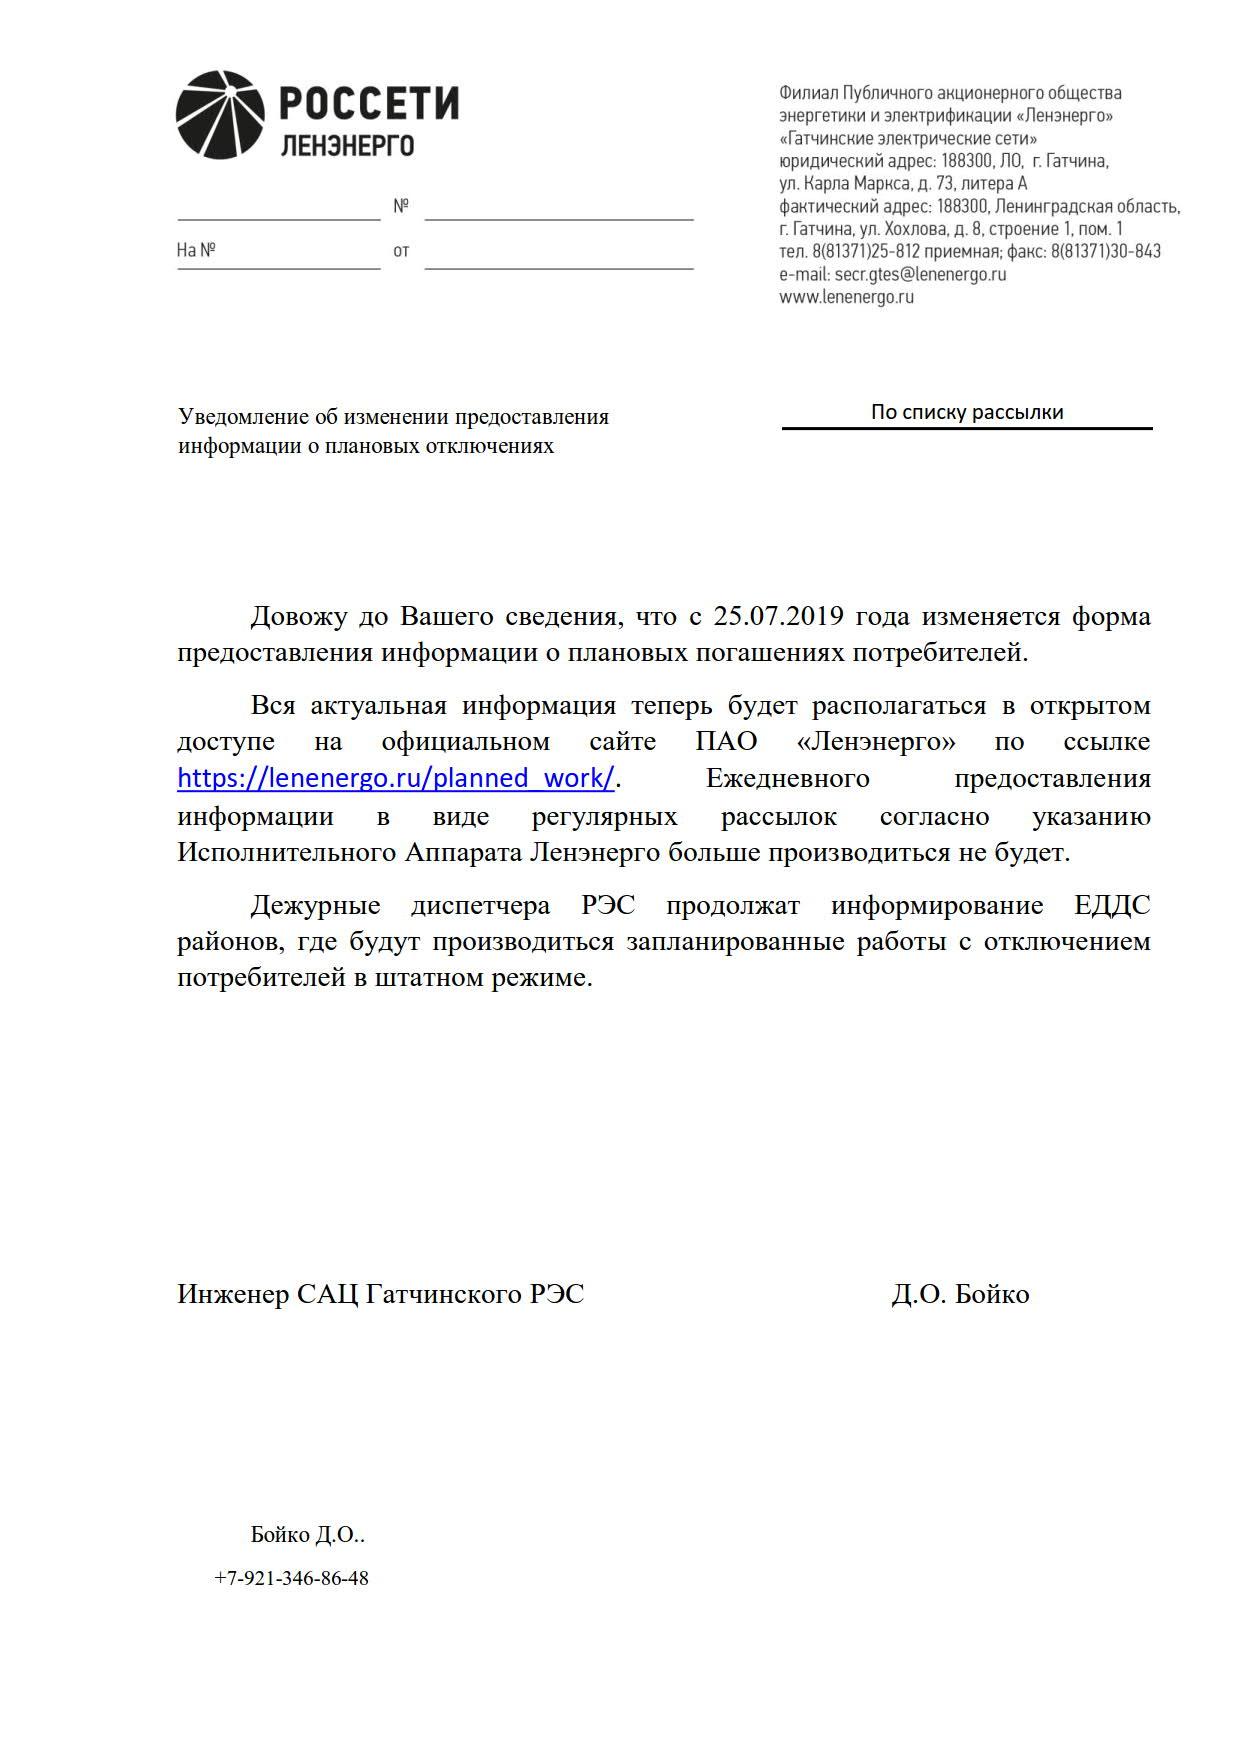 Информация о плановых отключениях_2019_1